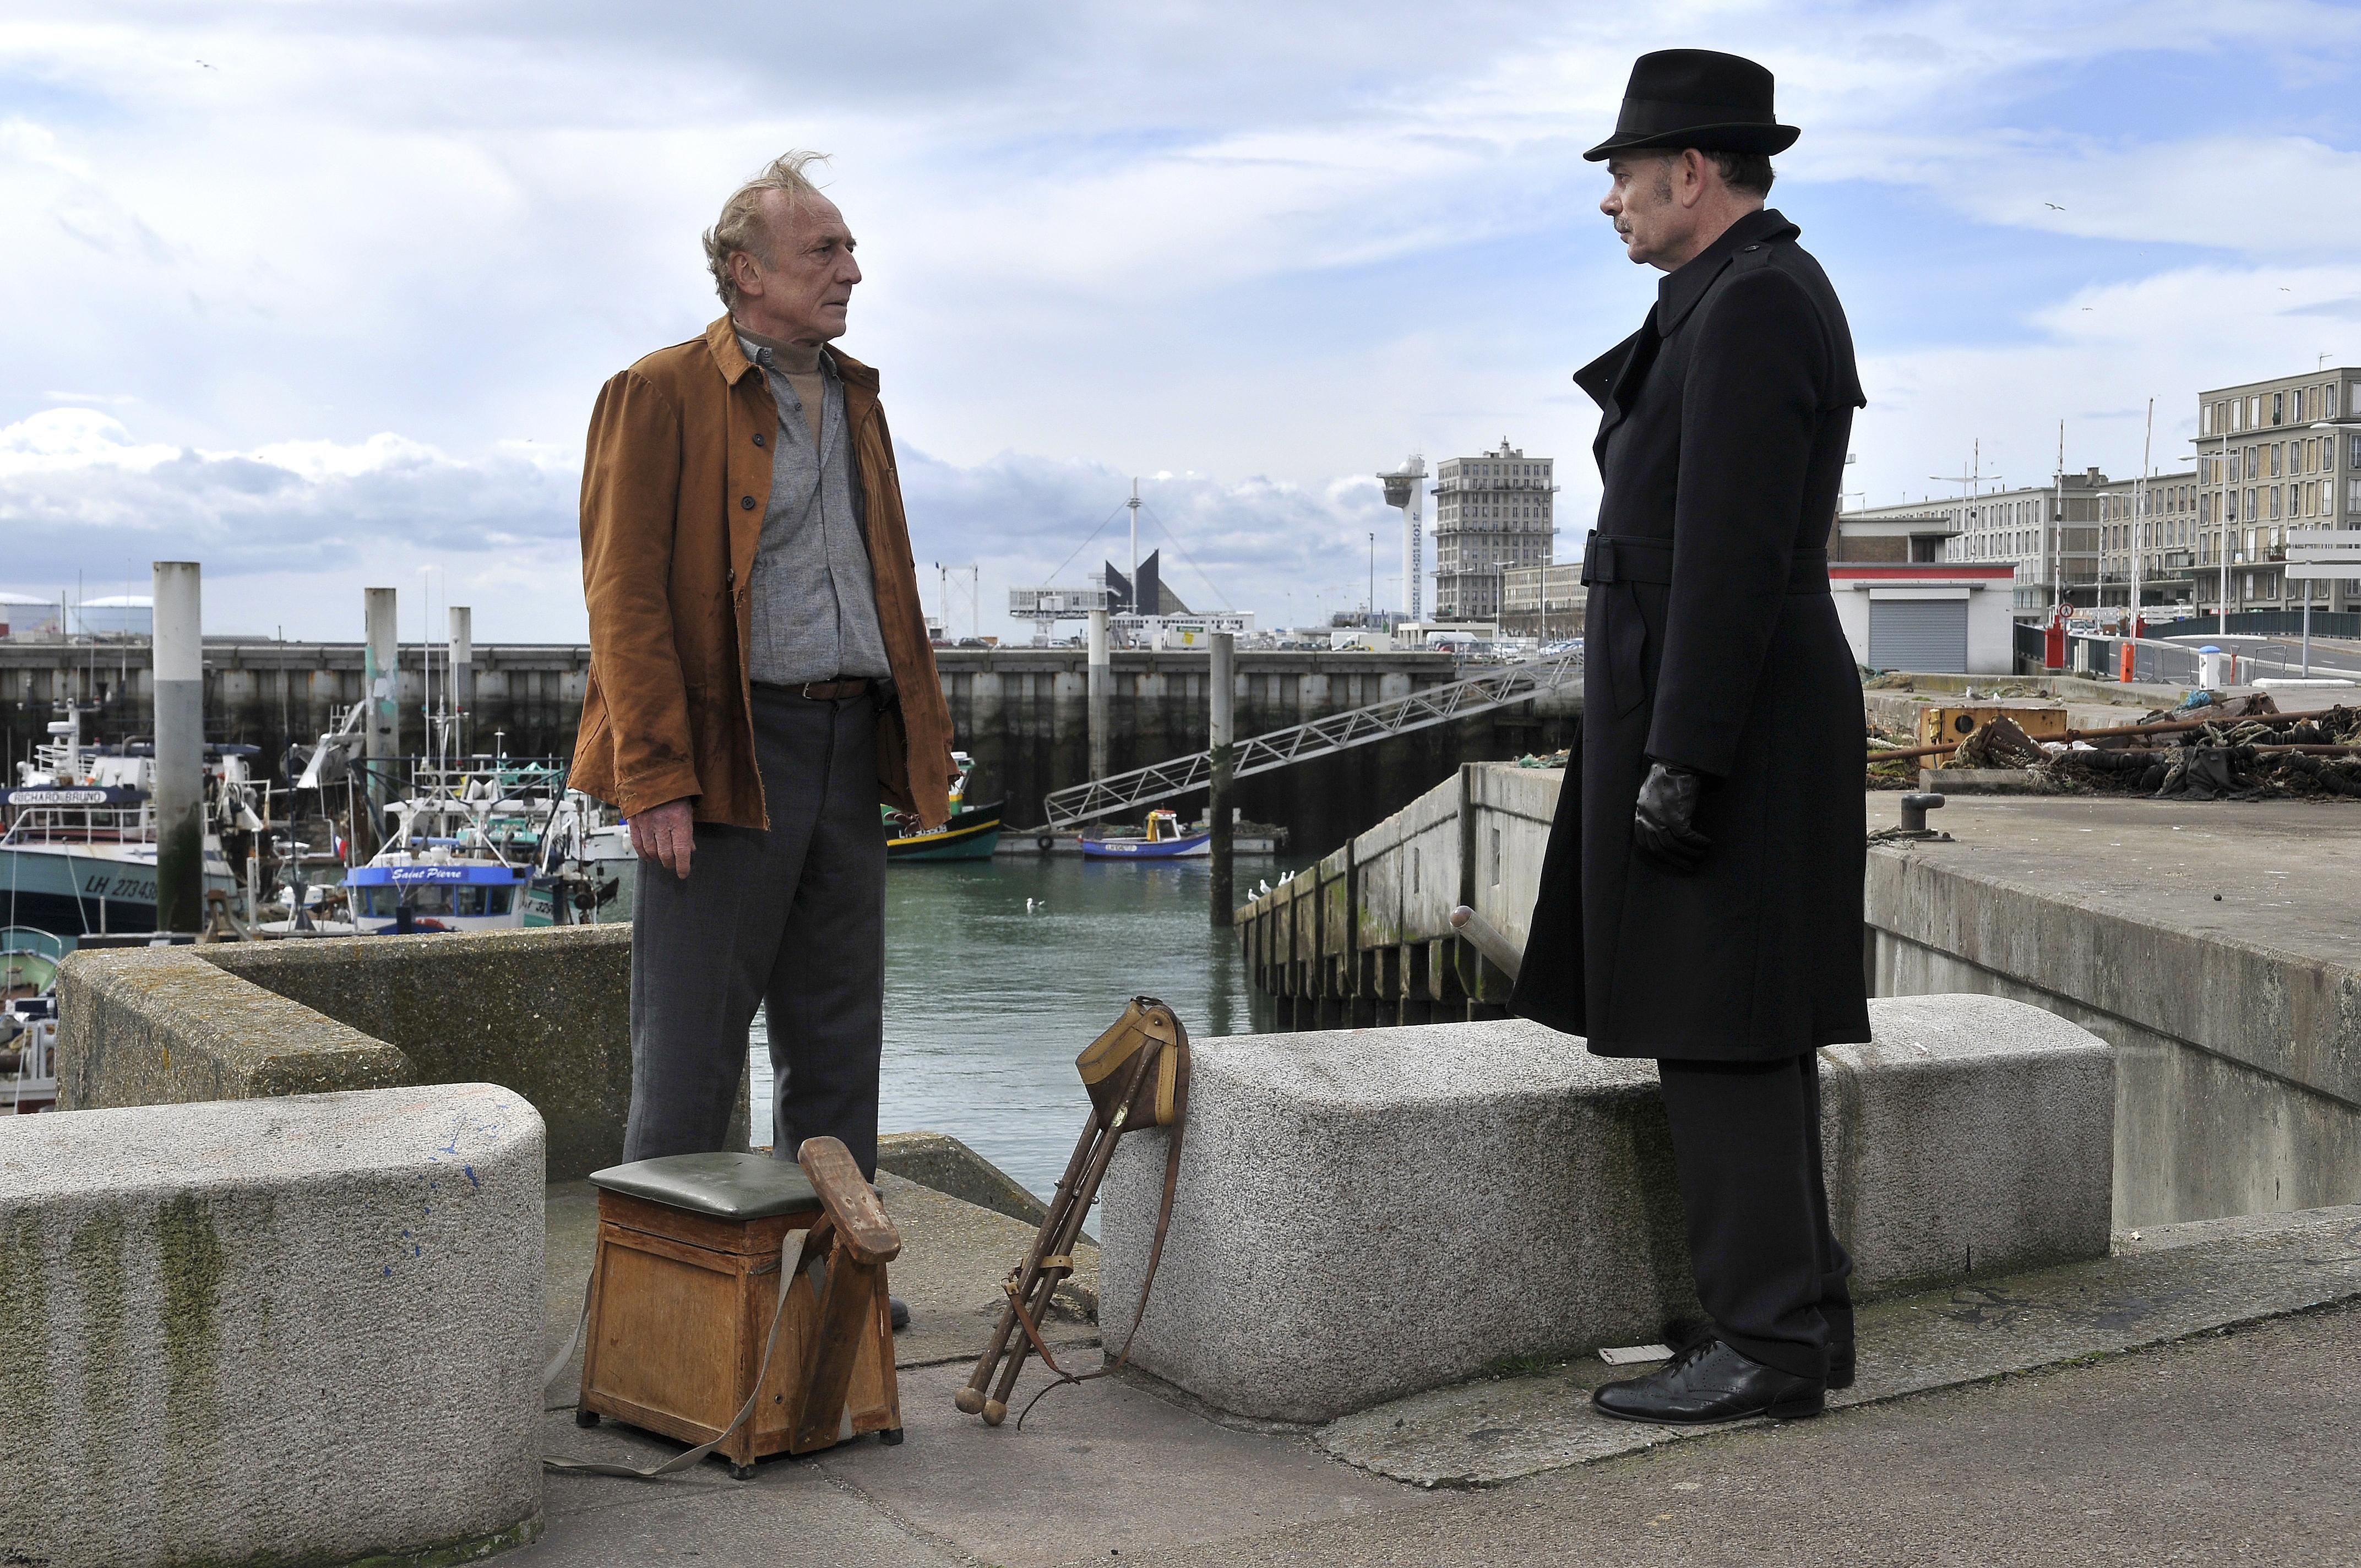 Filmska srečanja ob kavi: pogovor ob projekciji filma Le Havre